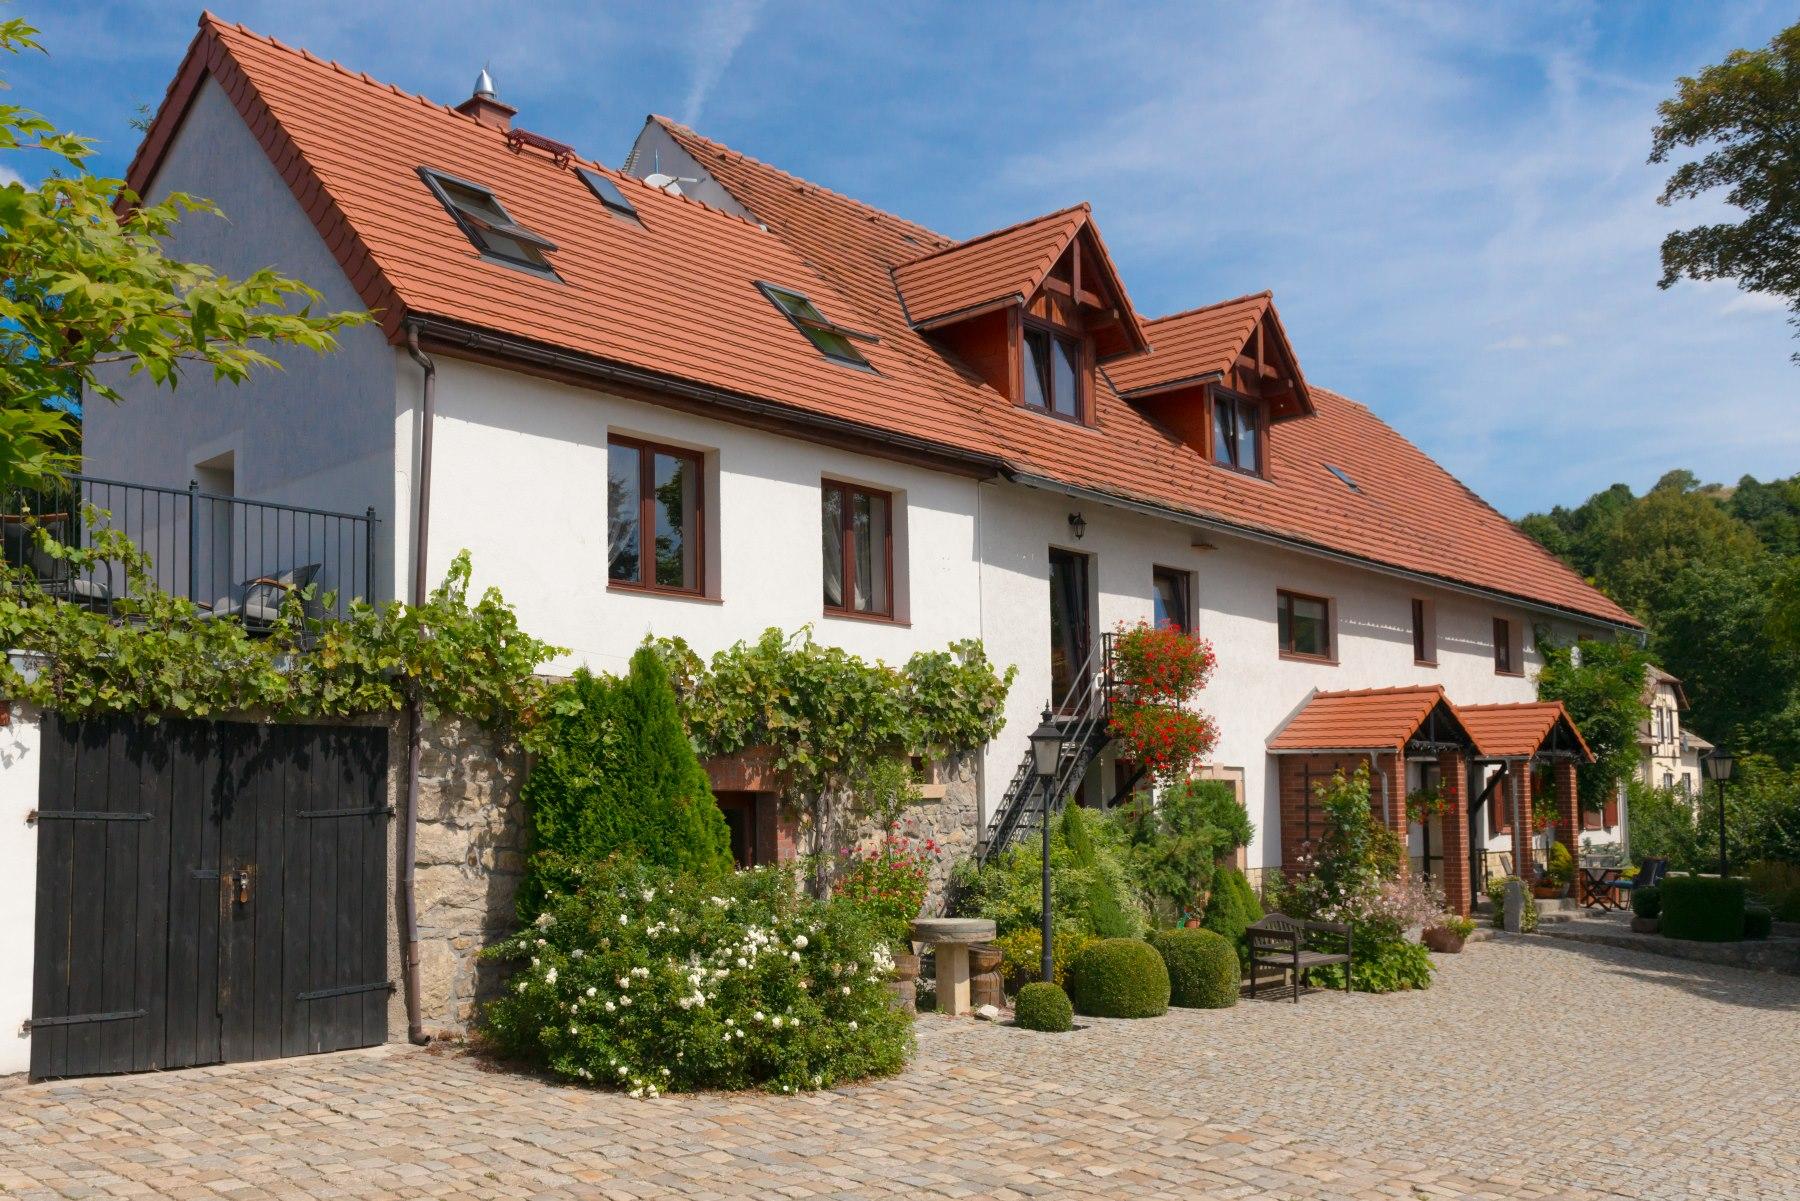 Biały dom z czerwonym dachem, porośnięty zielenią - agroturystyka Pod Srebrną Górą